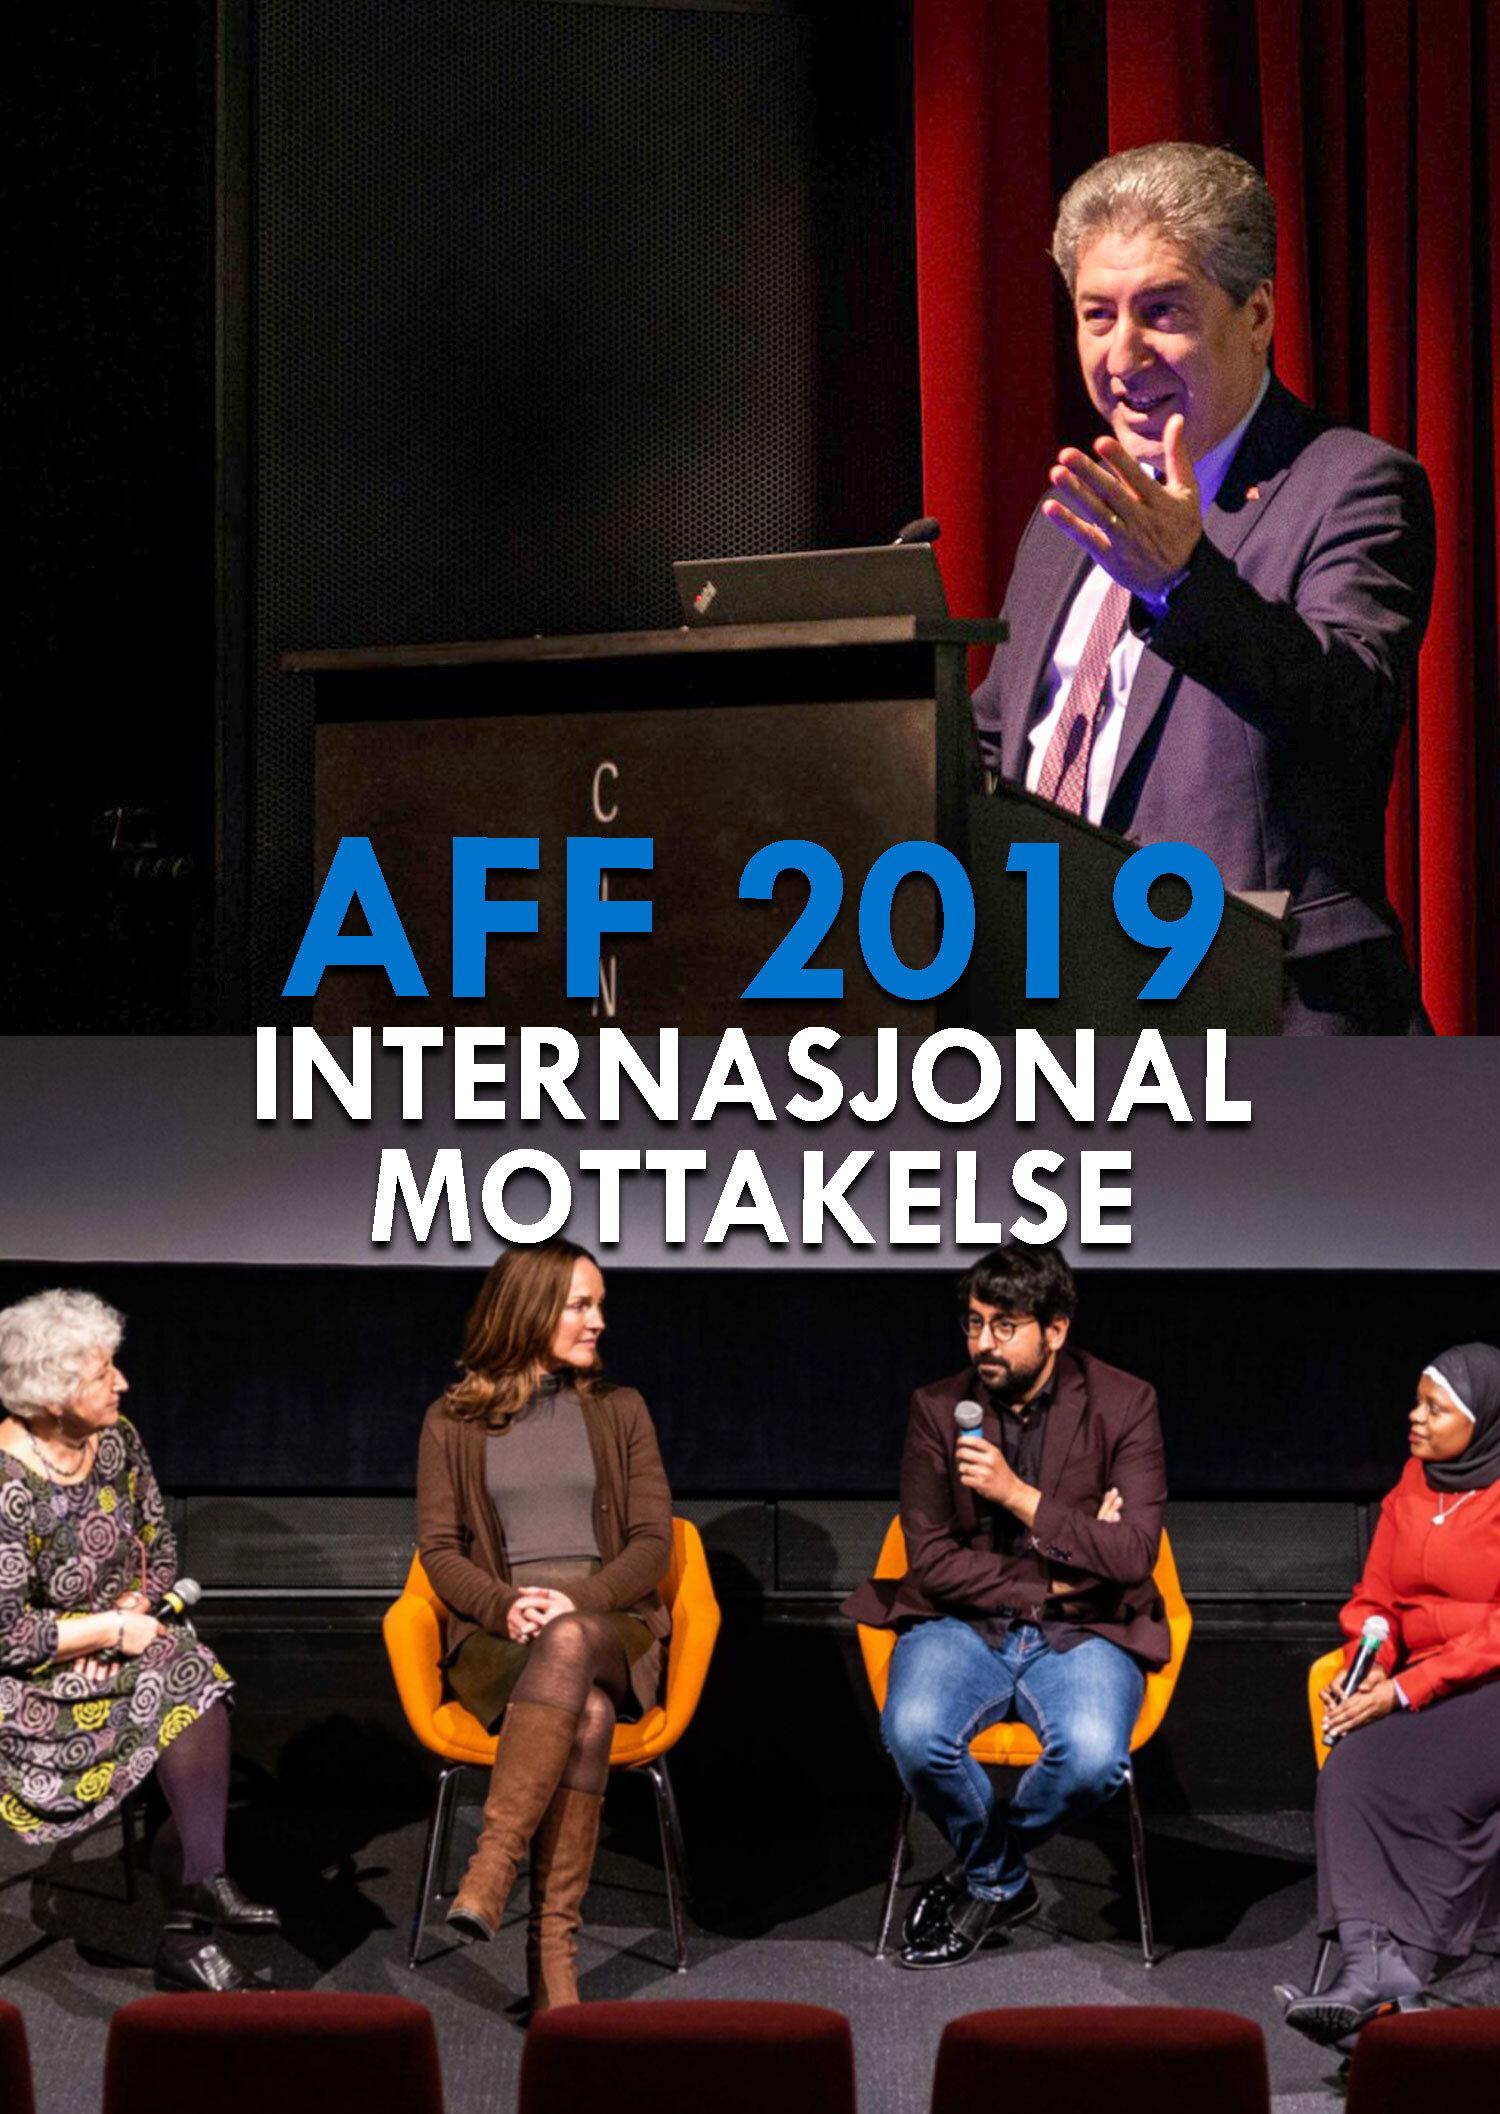 Internasjonal Mottakelse 2019